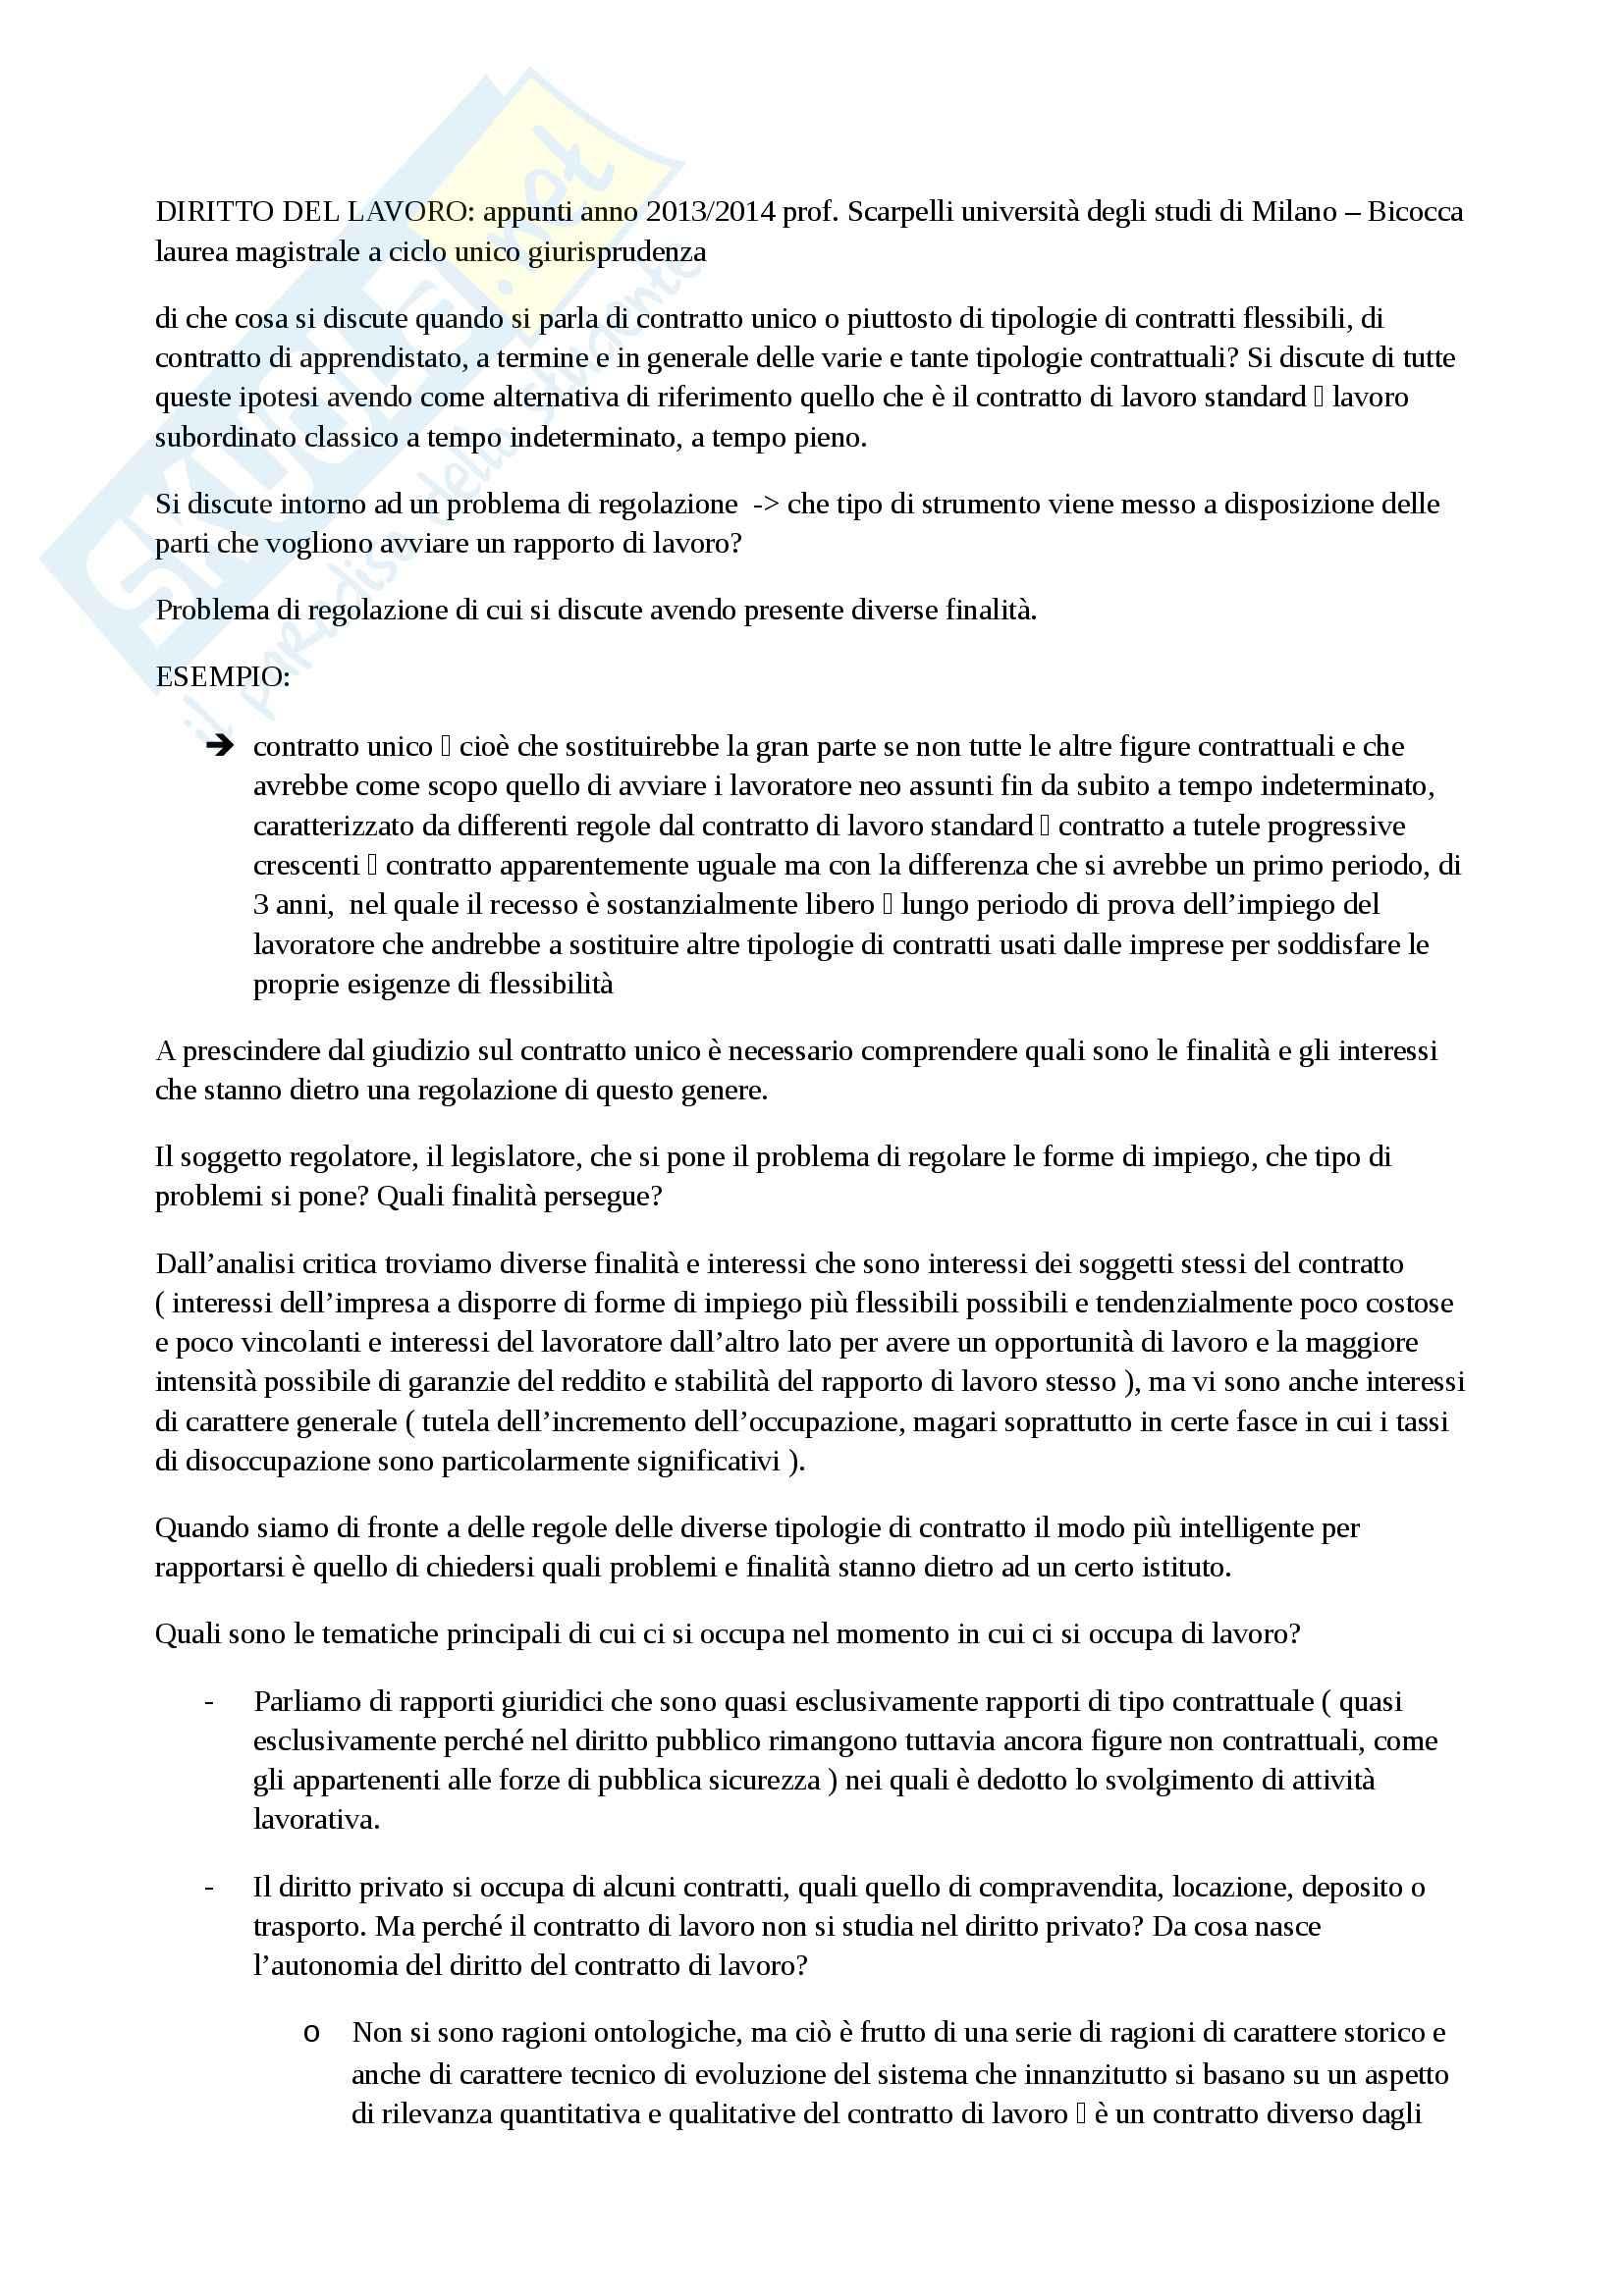 Diritto del lavoro - Appunti